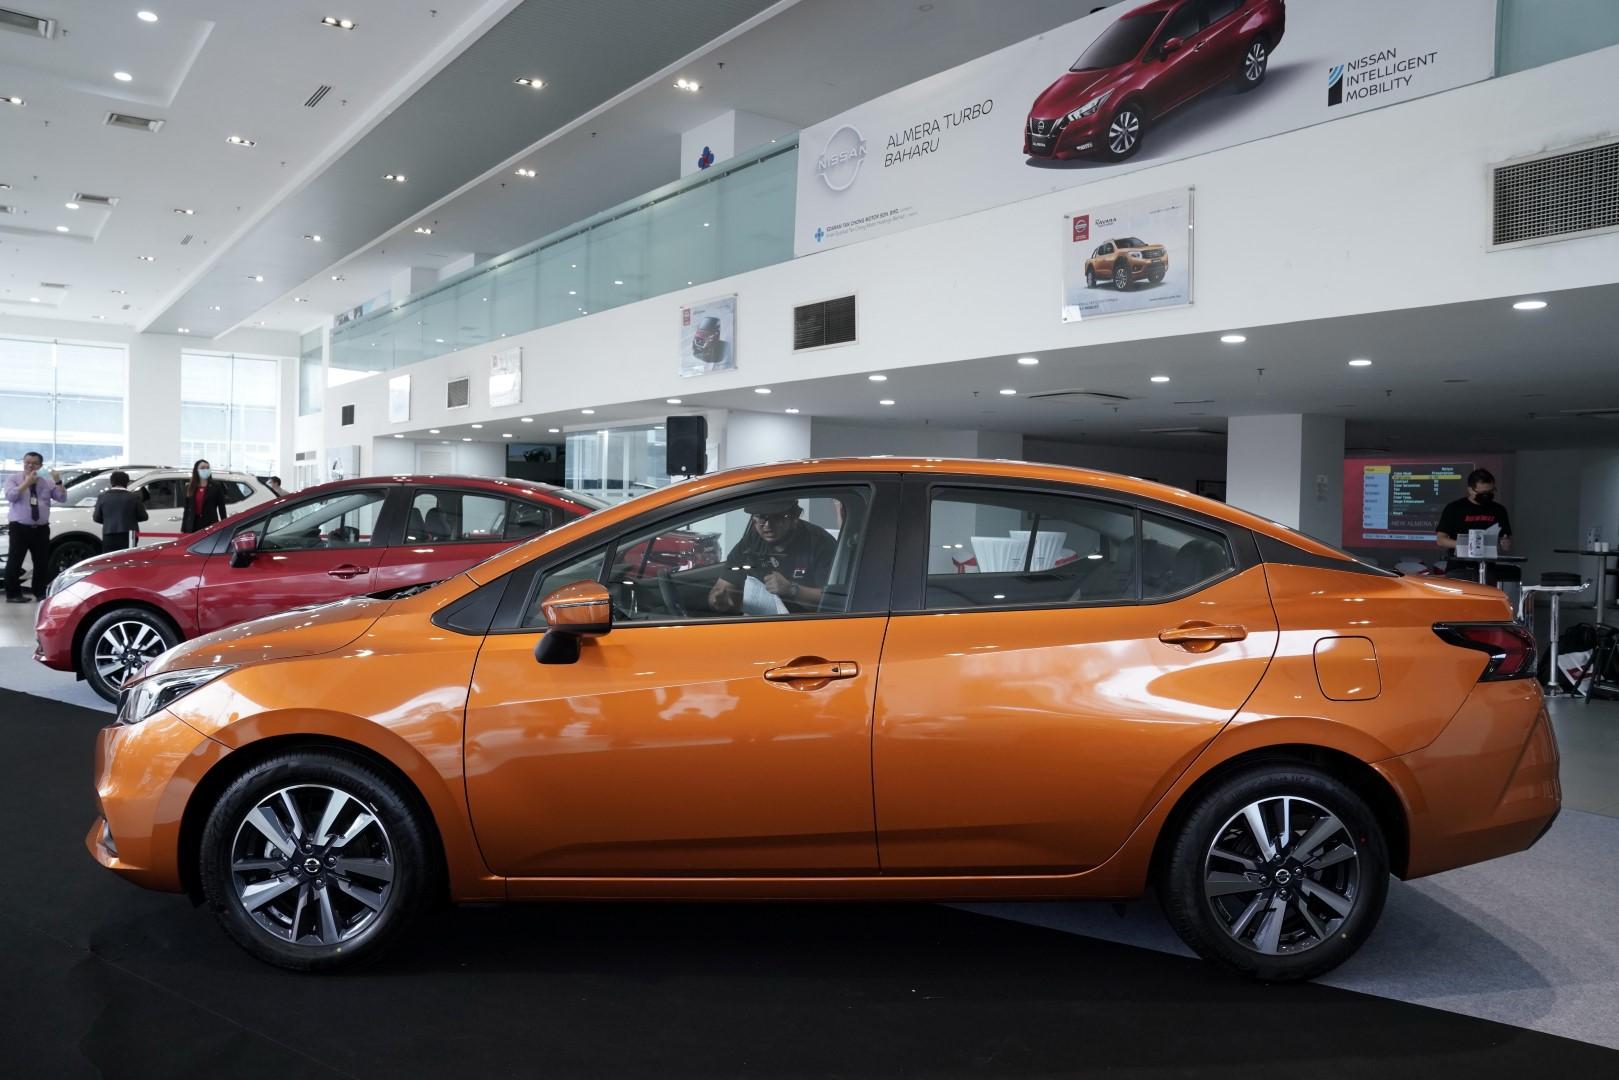 2020 Nissan Almera Side